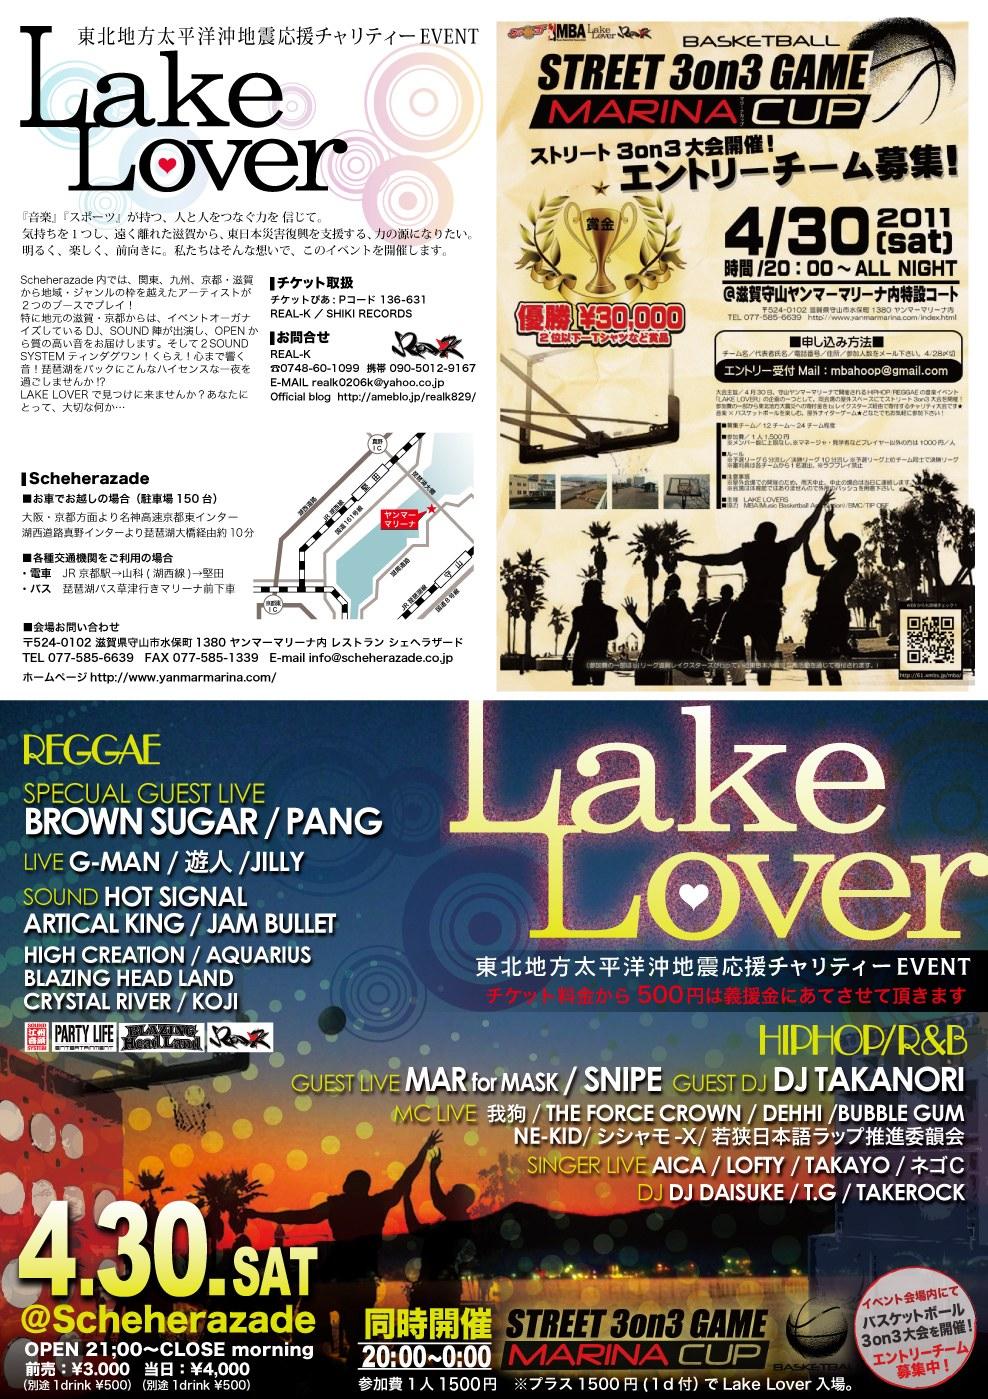 LakeLover_02.jpg